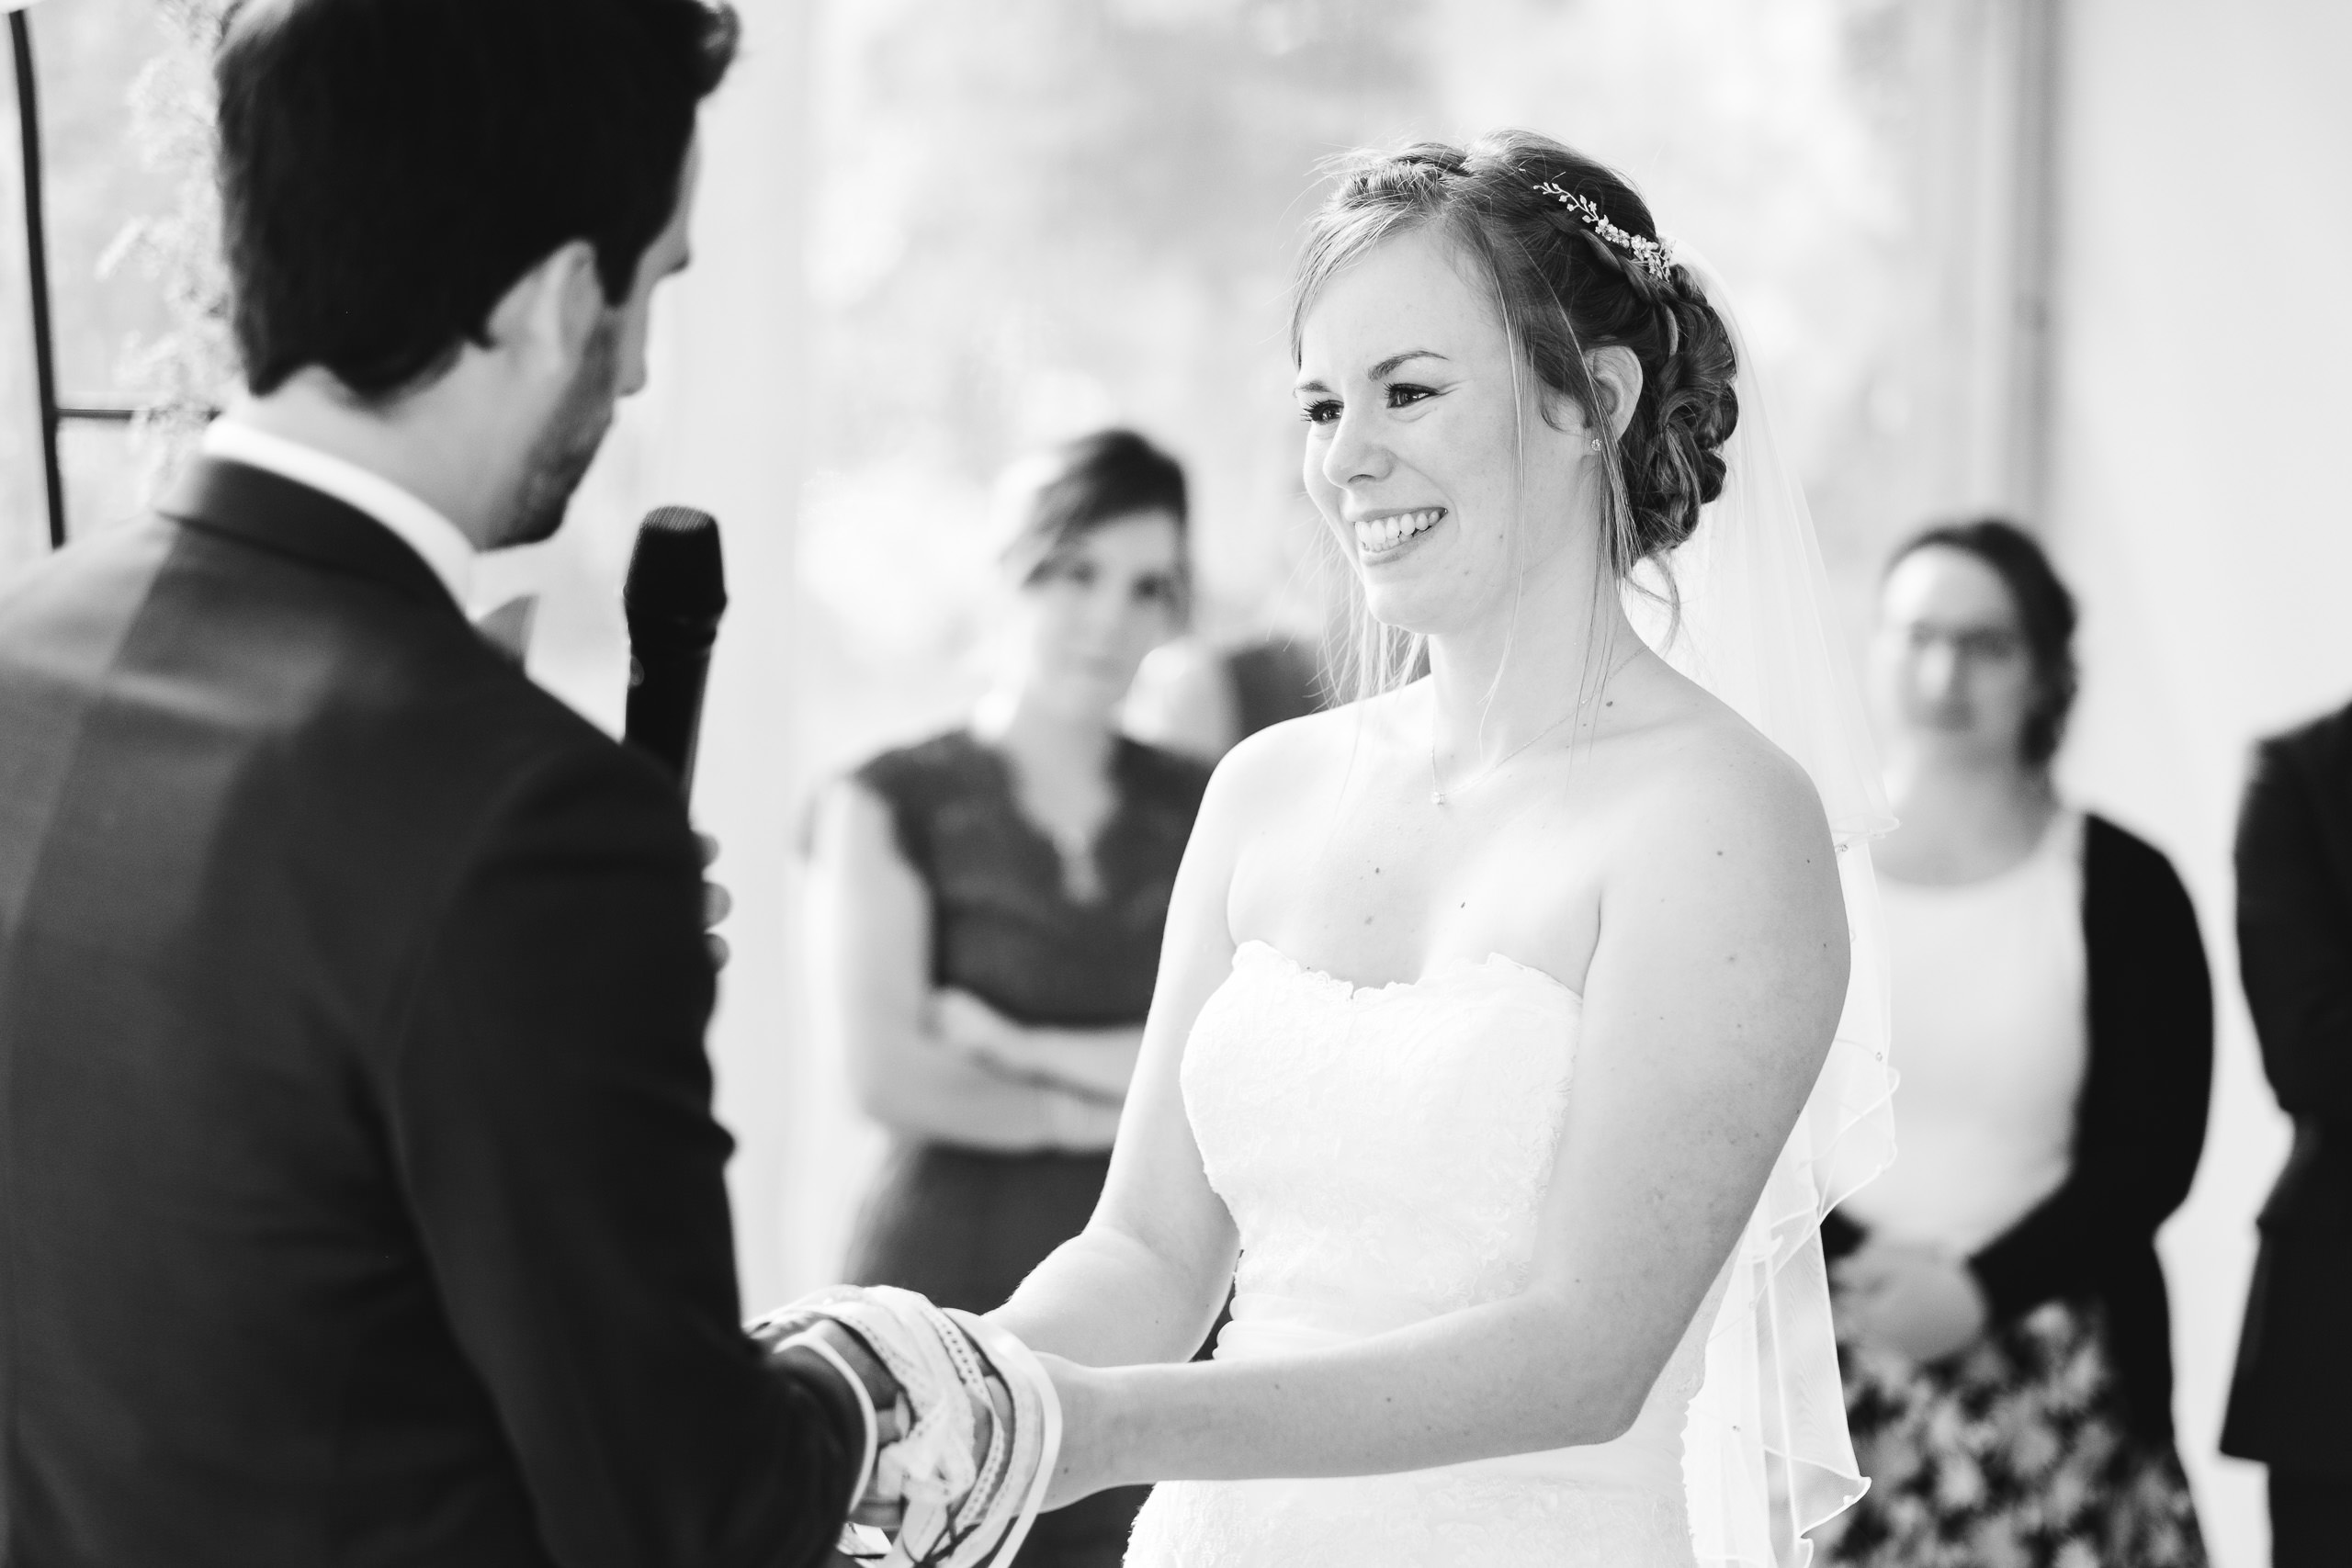 Mariage à Chambéry - Cérémonie laïque - Lucile & Florent